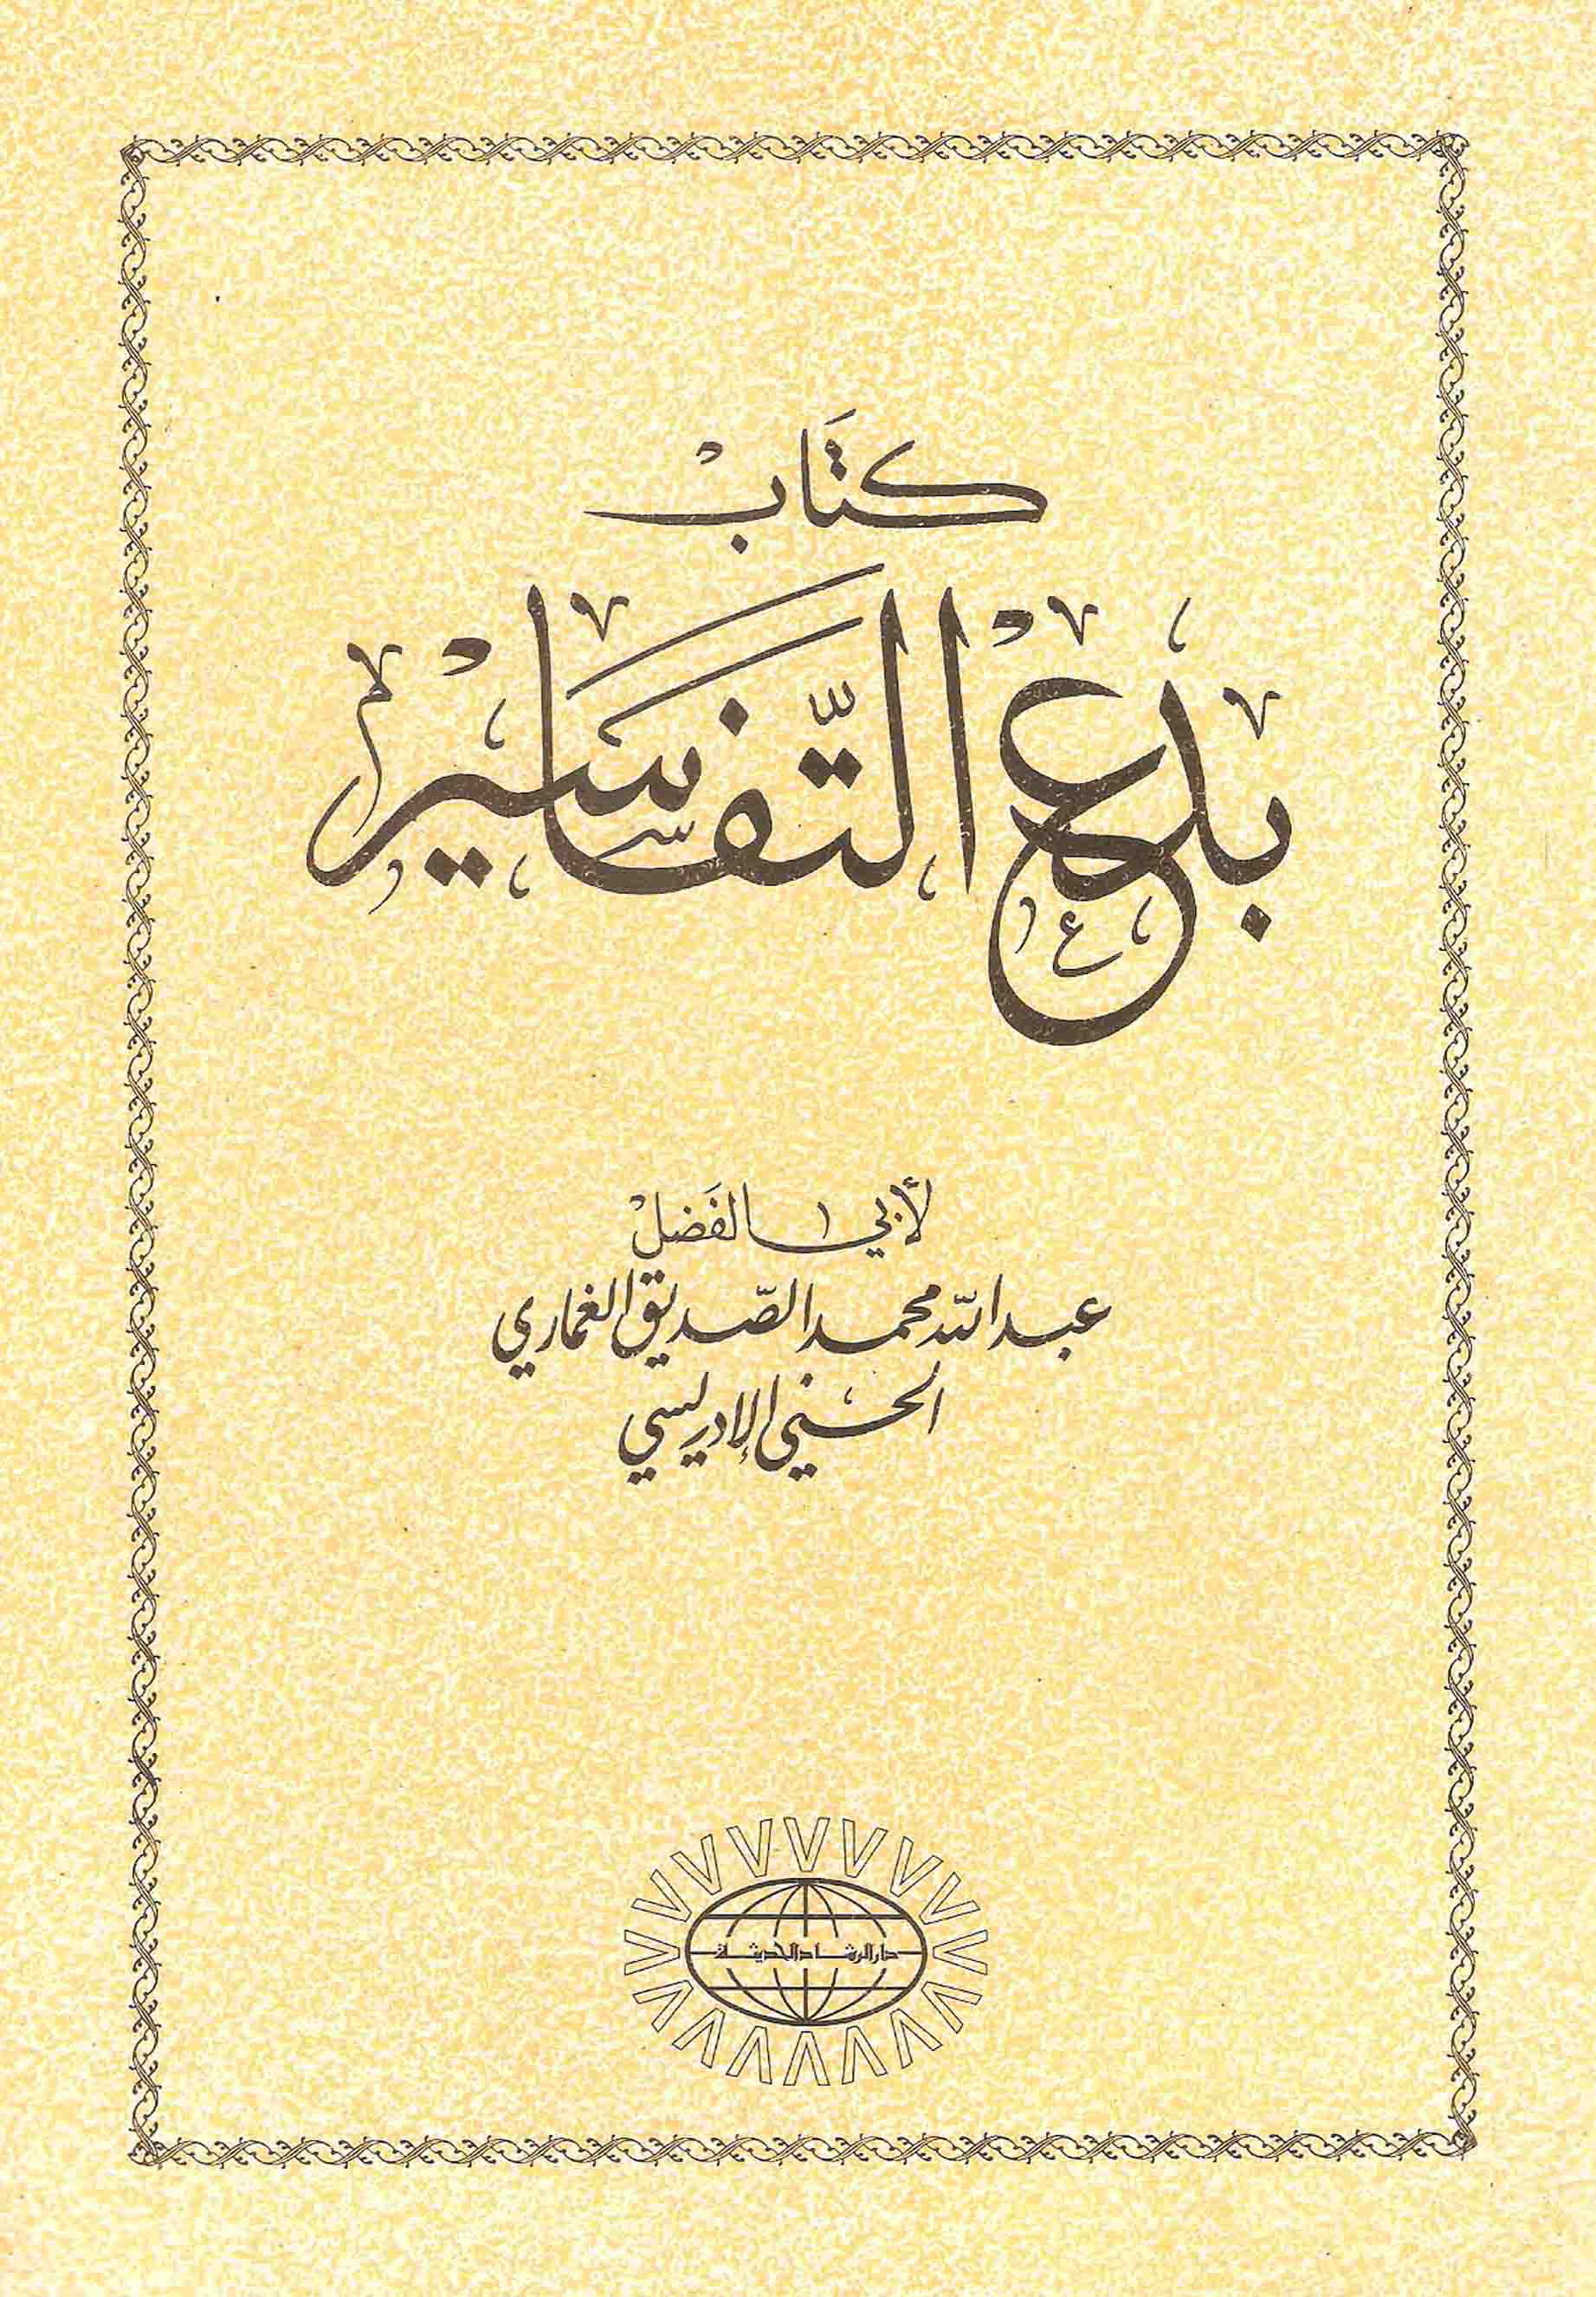 تحميل كتاب بدع التفاسير لـِ: الشيخ أبو الفضل عبد الله محمد الصديق الغماري الحسني الإدريسي (ت 1413)